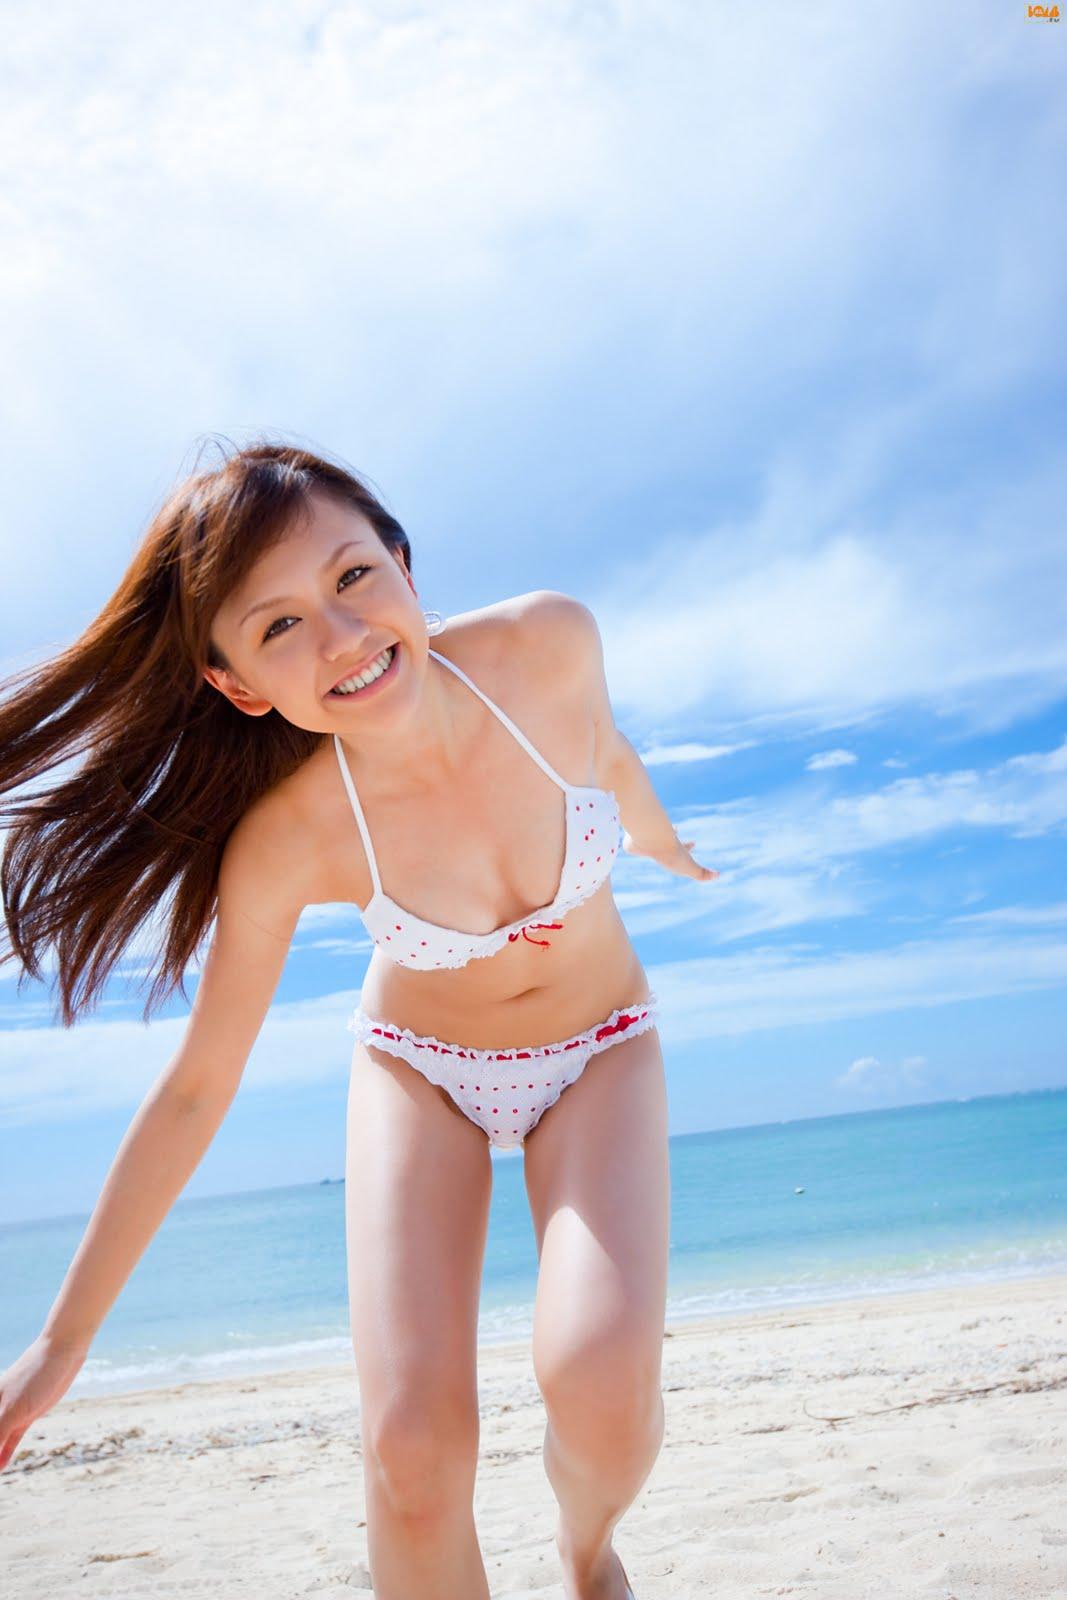 Kilingg Very Cute Model Yuka Konan Stylish And Amazing